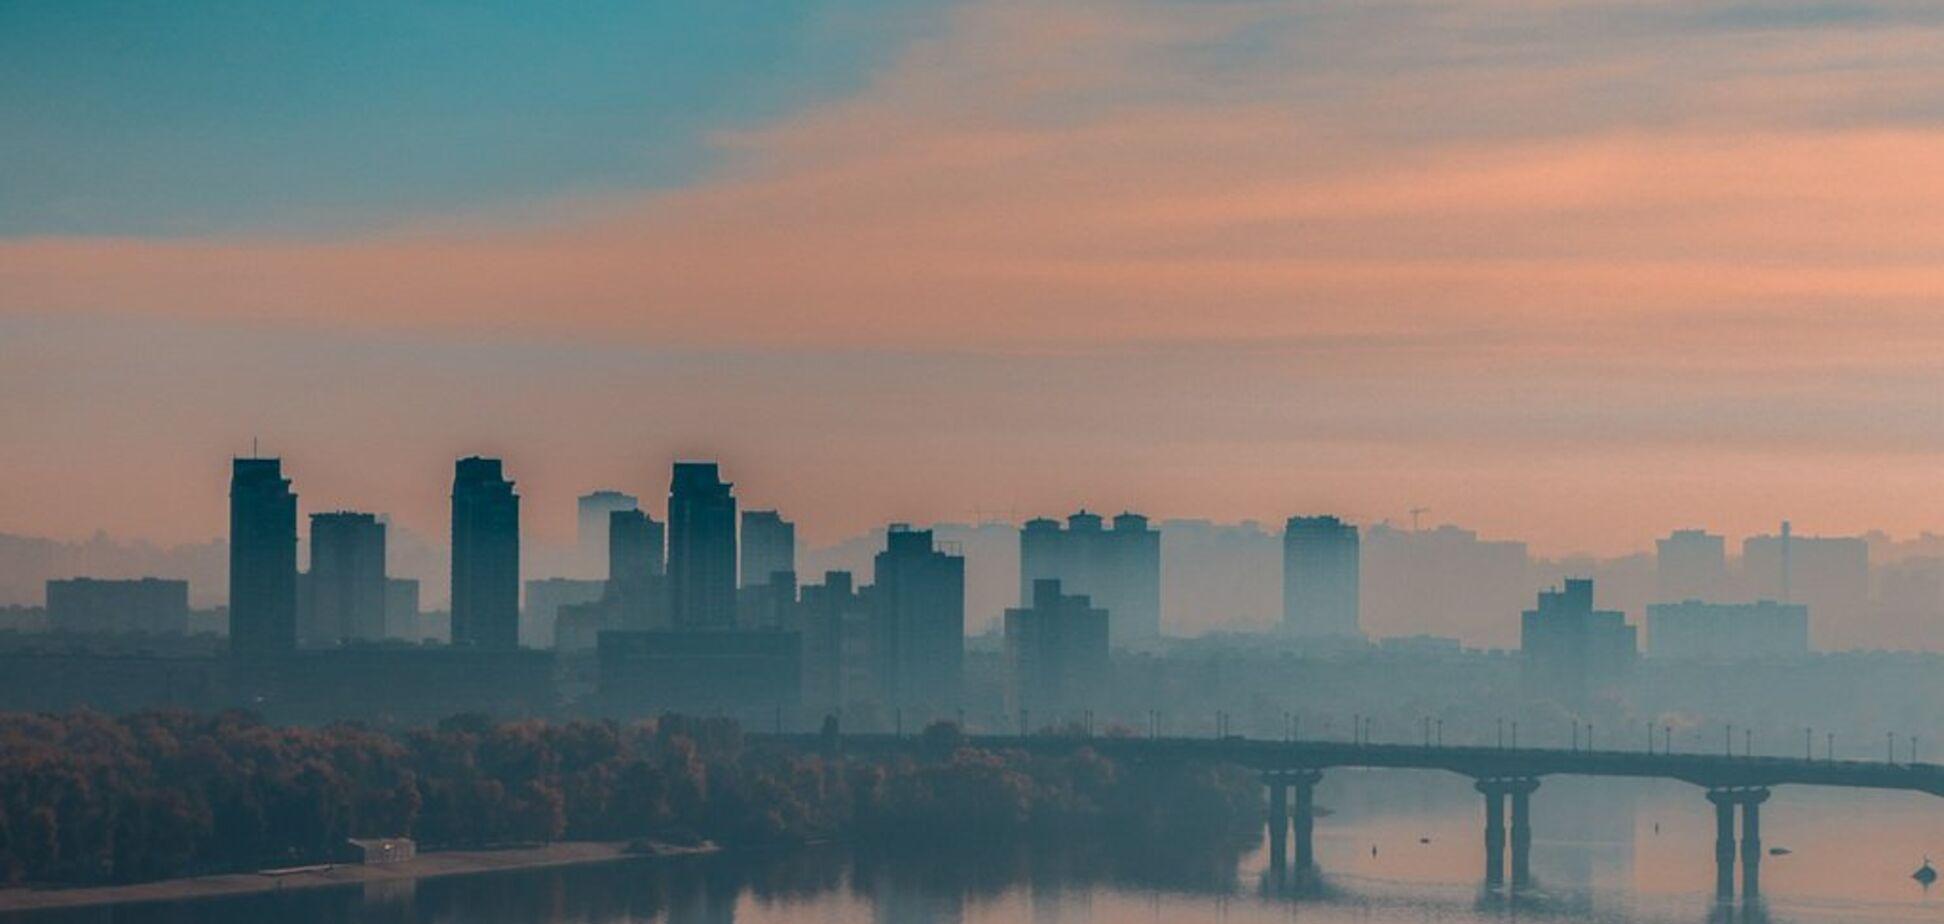 Київ у тумані: красиві фото столиці України